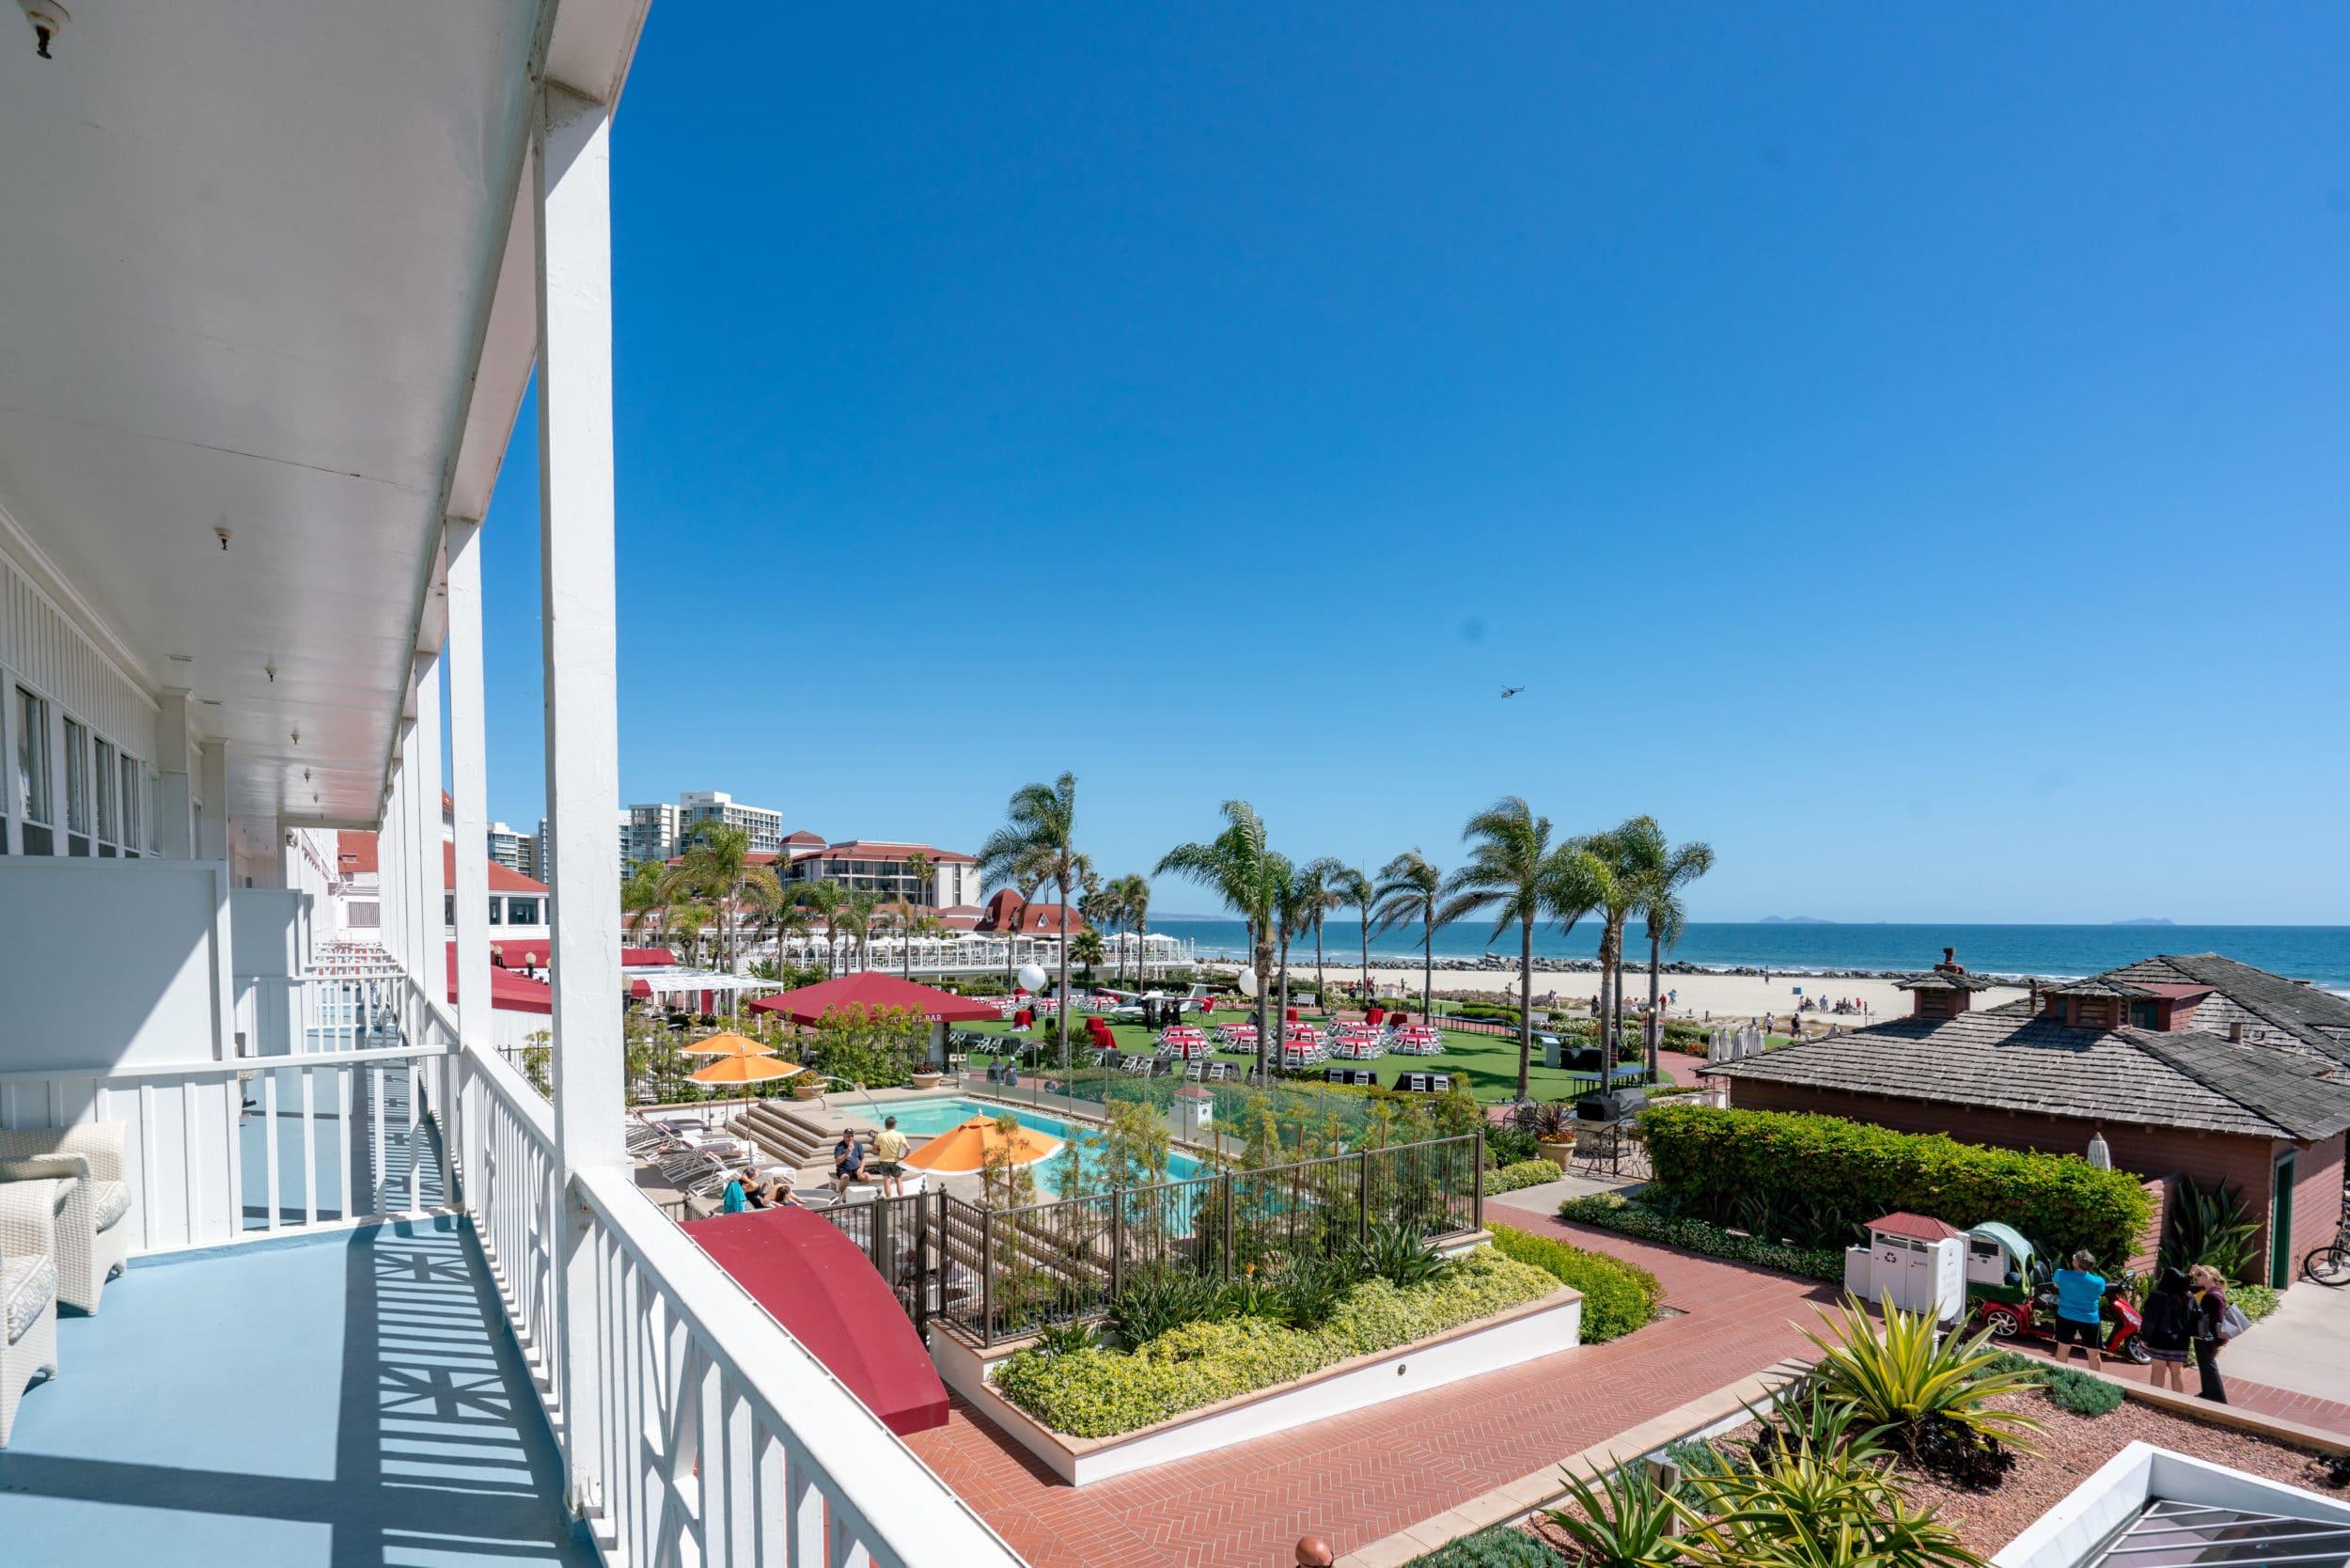 Hotel Del Coronado Victorian ocean view